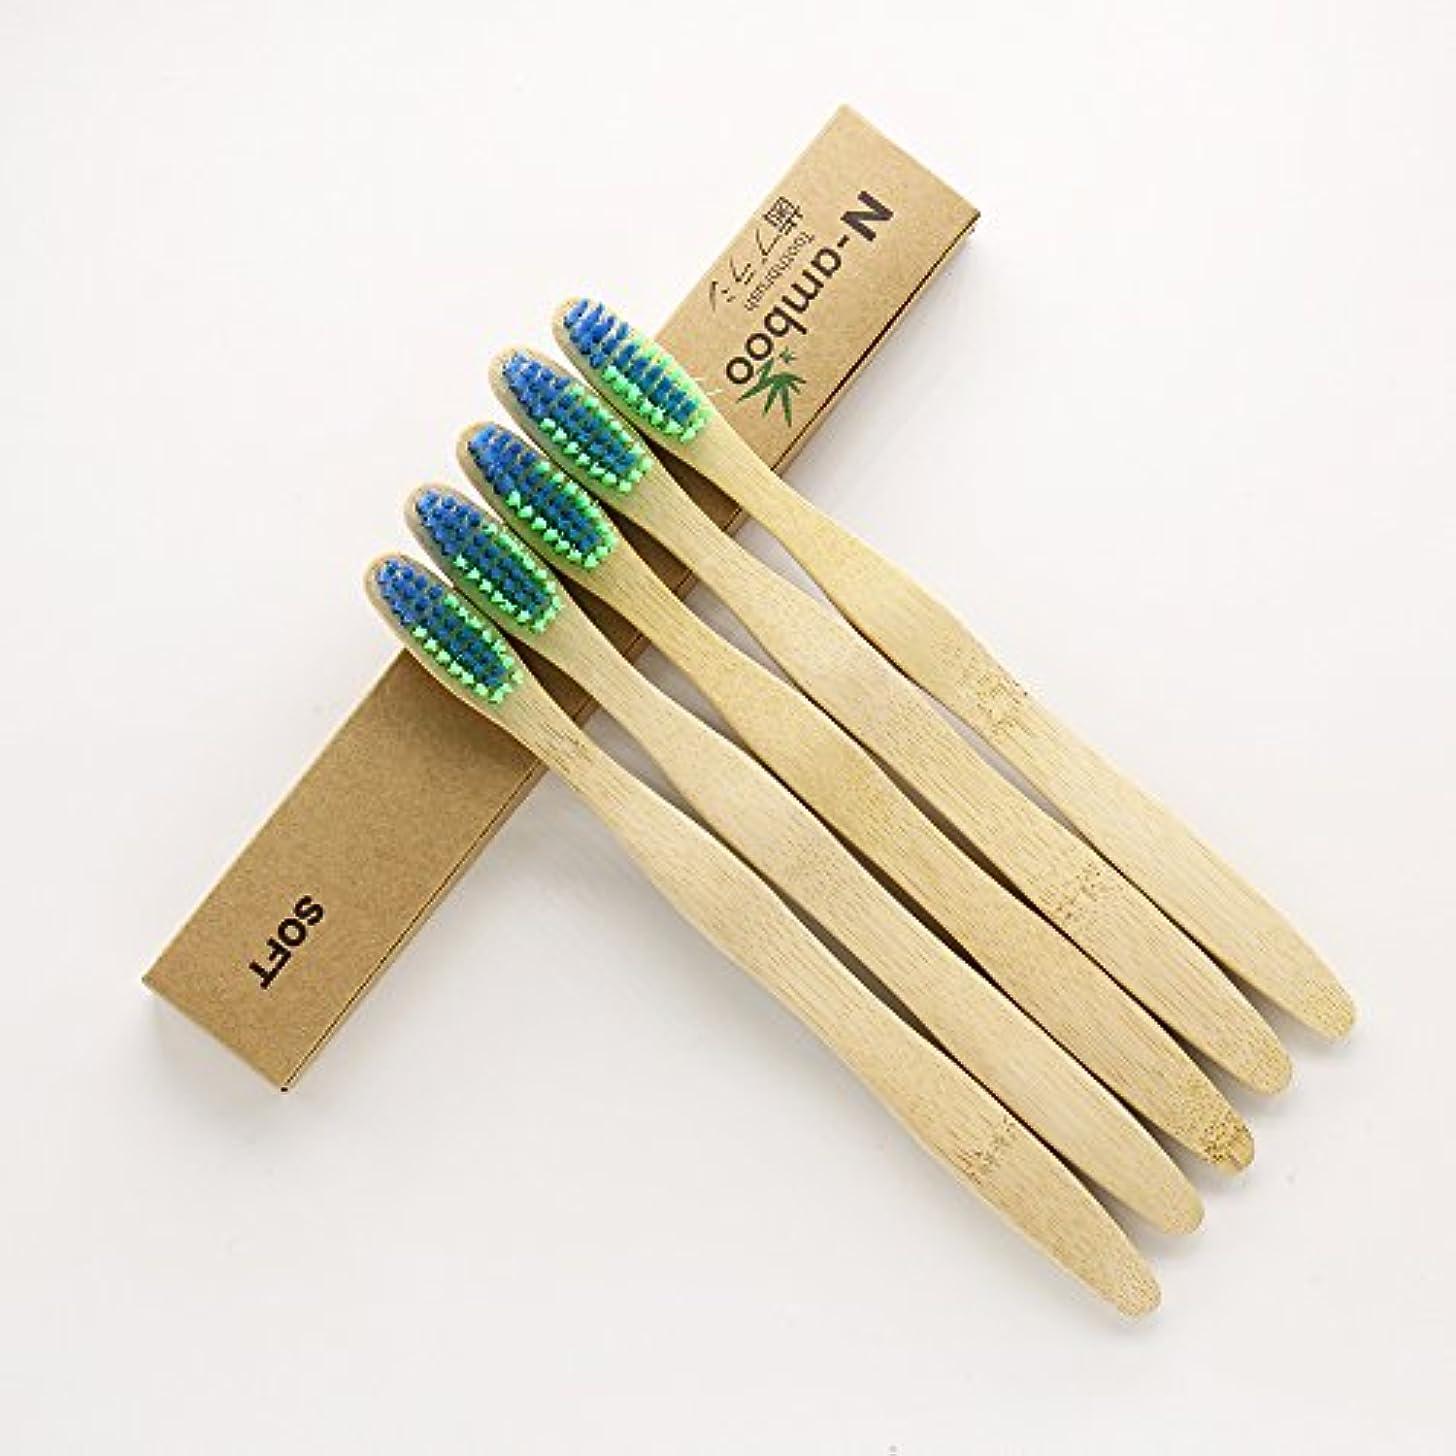 メロディー冒険家不完全N-amboo 竹製耐久度高い 歯ブラシ 青と緑色 5本入り セット